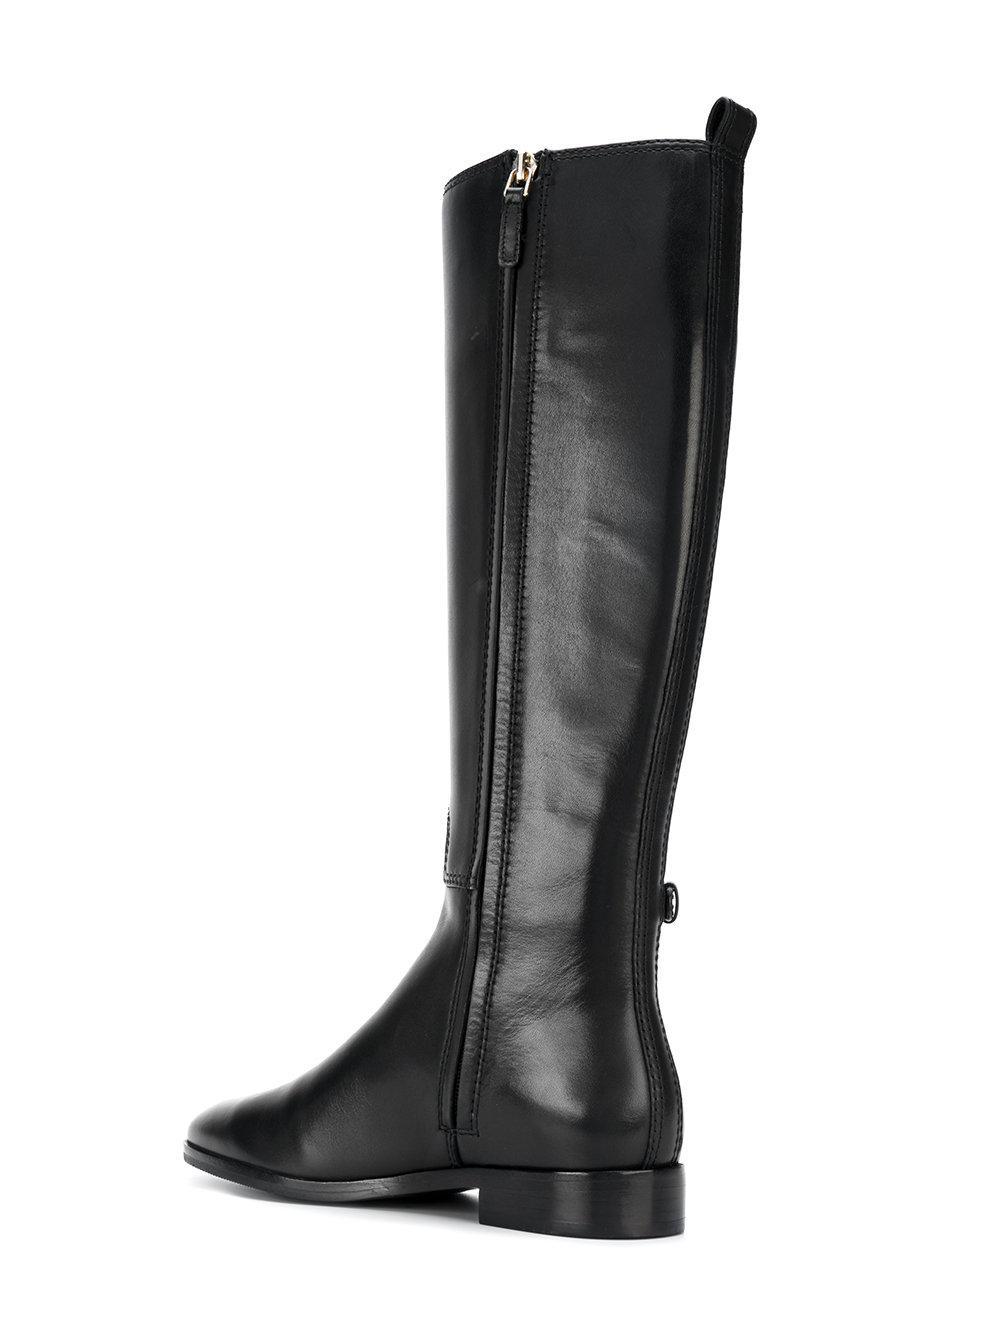 a34448f99 Tory Burch Wyatt Boots in Black - Lyst